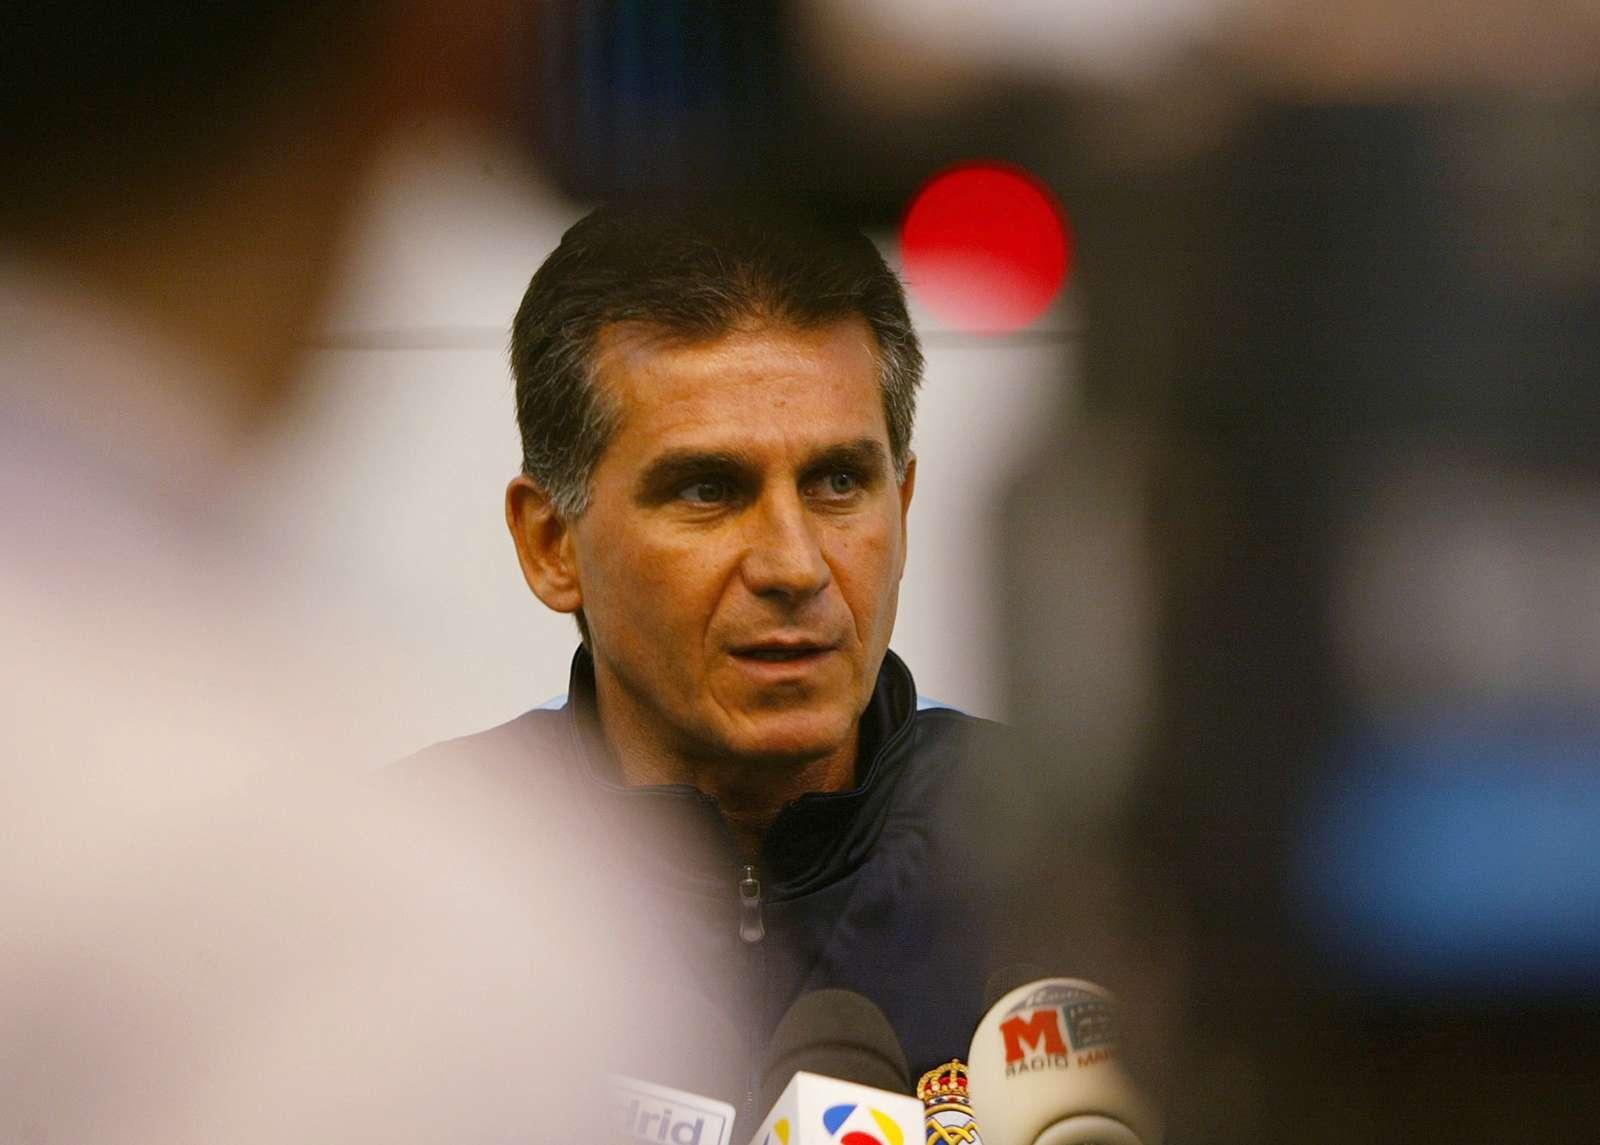 26/7/2003: Carlos Queiroz é apresentado no Real Madrid como sucessor de Vicente del Bosque (Reuters/Desmond Boylan)